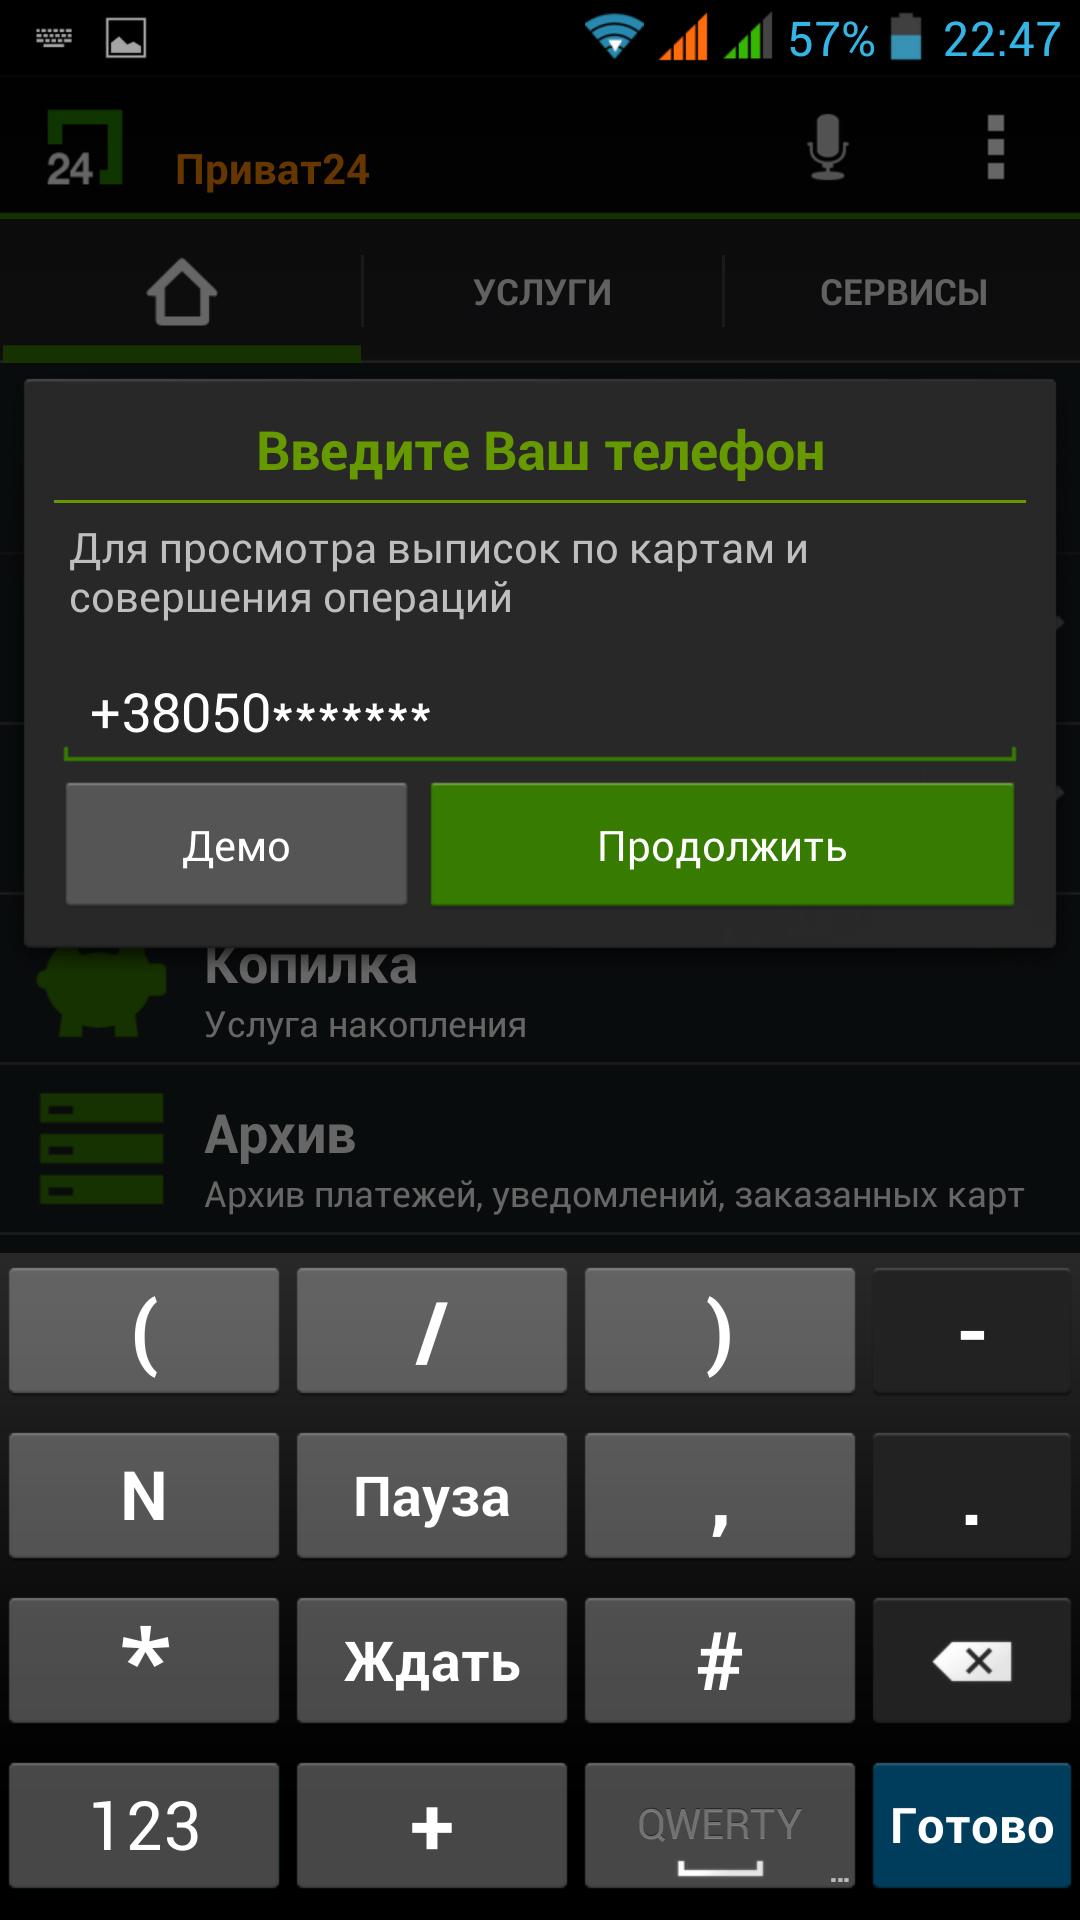 Приват 24 приложение для смартфона